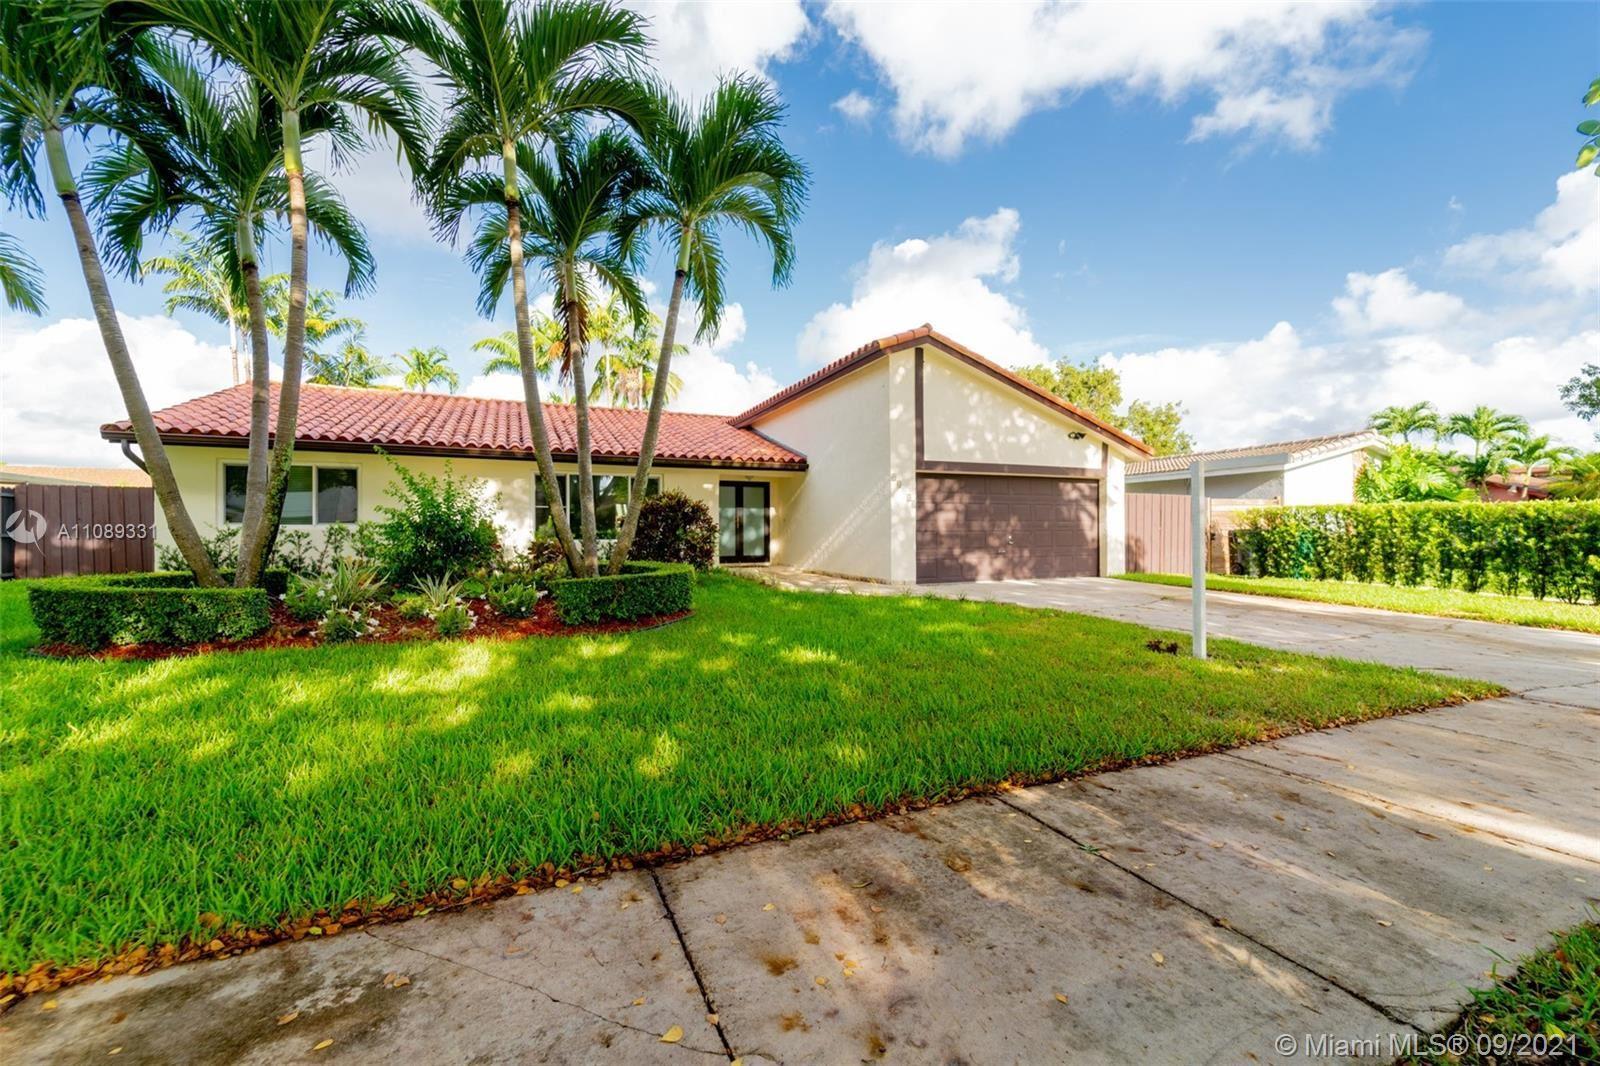 10930 SW 138th Ave, Miami, FL 33186 - #: A11089331